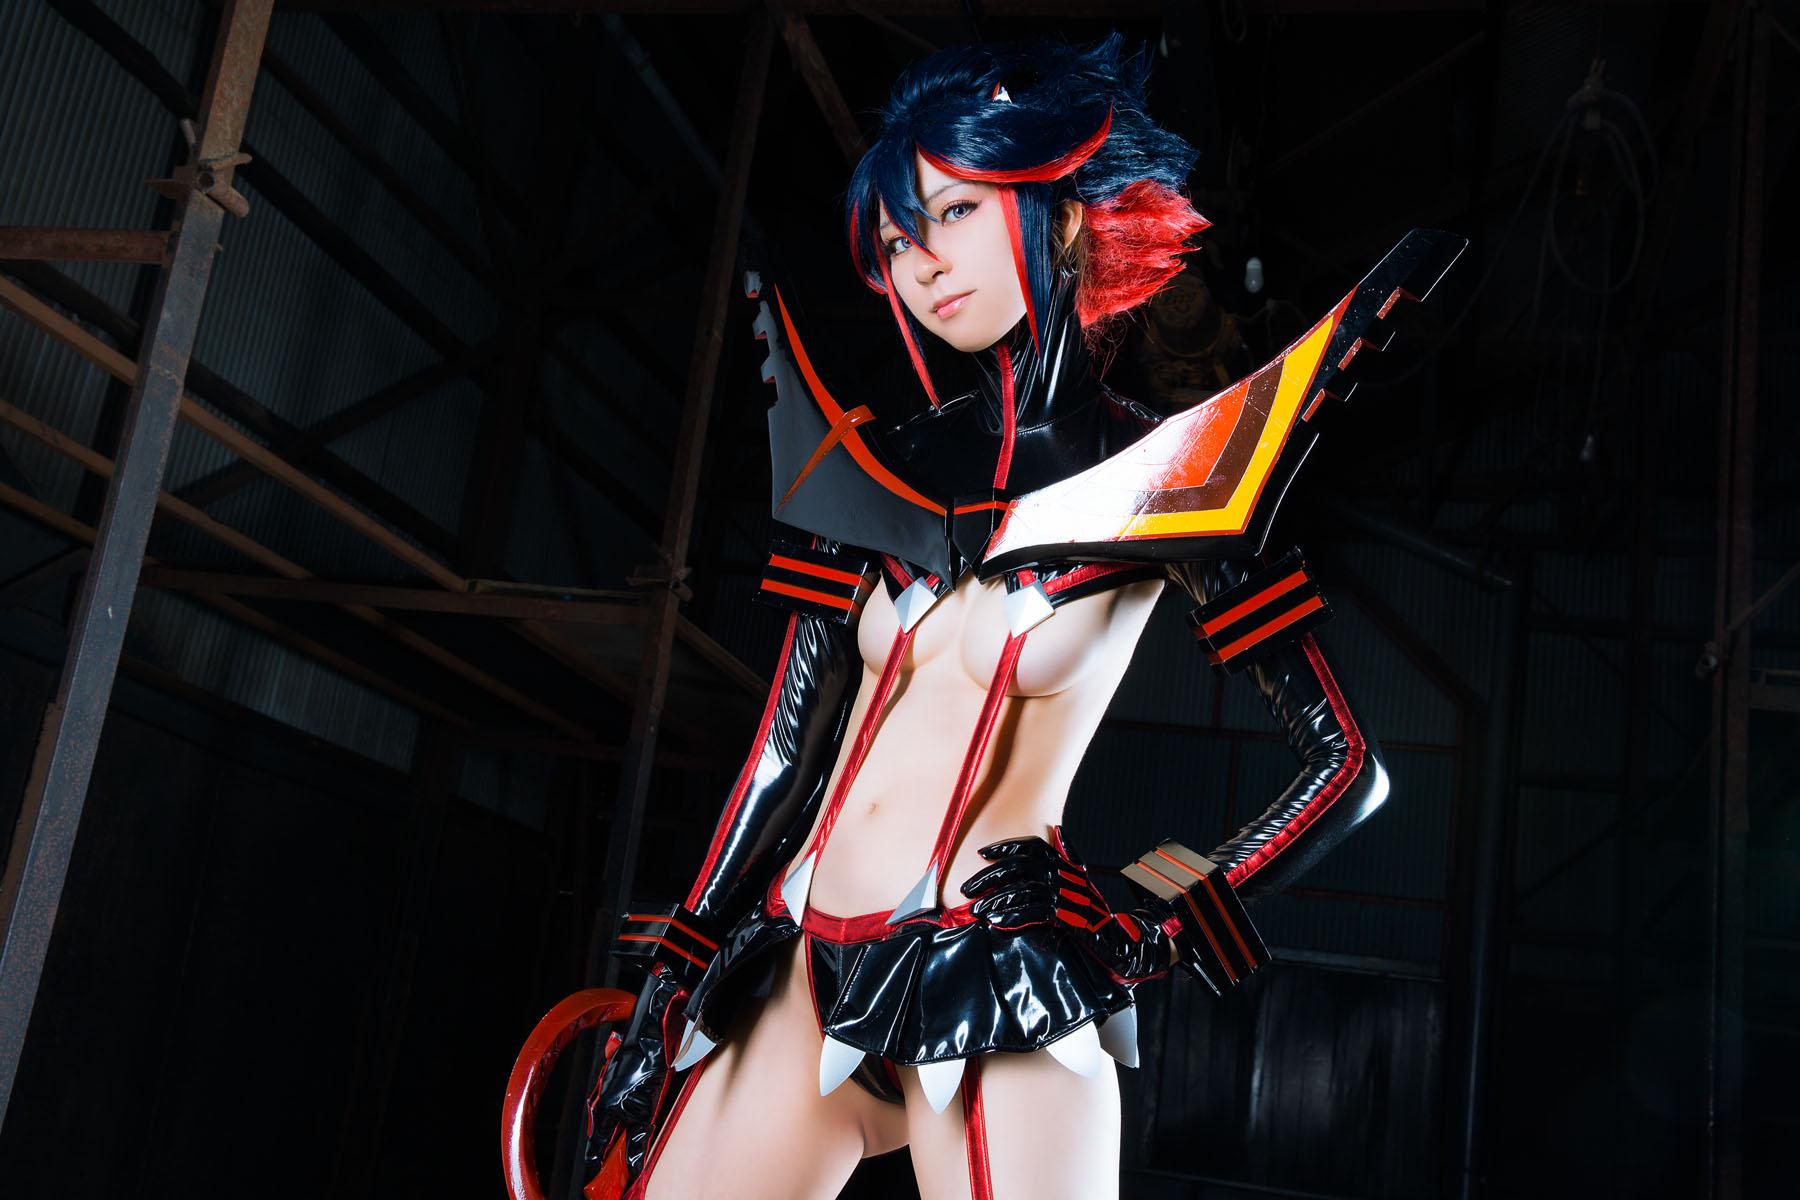 Kill la Kill Ryuuko Matoi anime cosplay by Mikehouse 0032